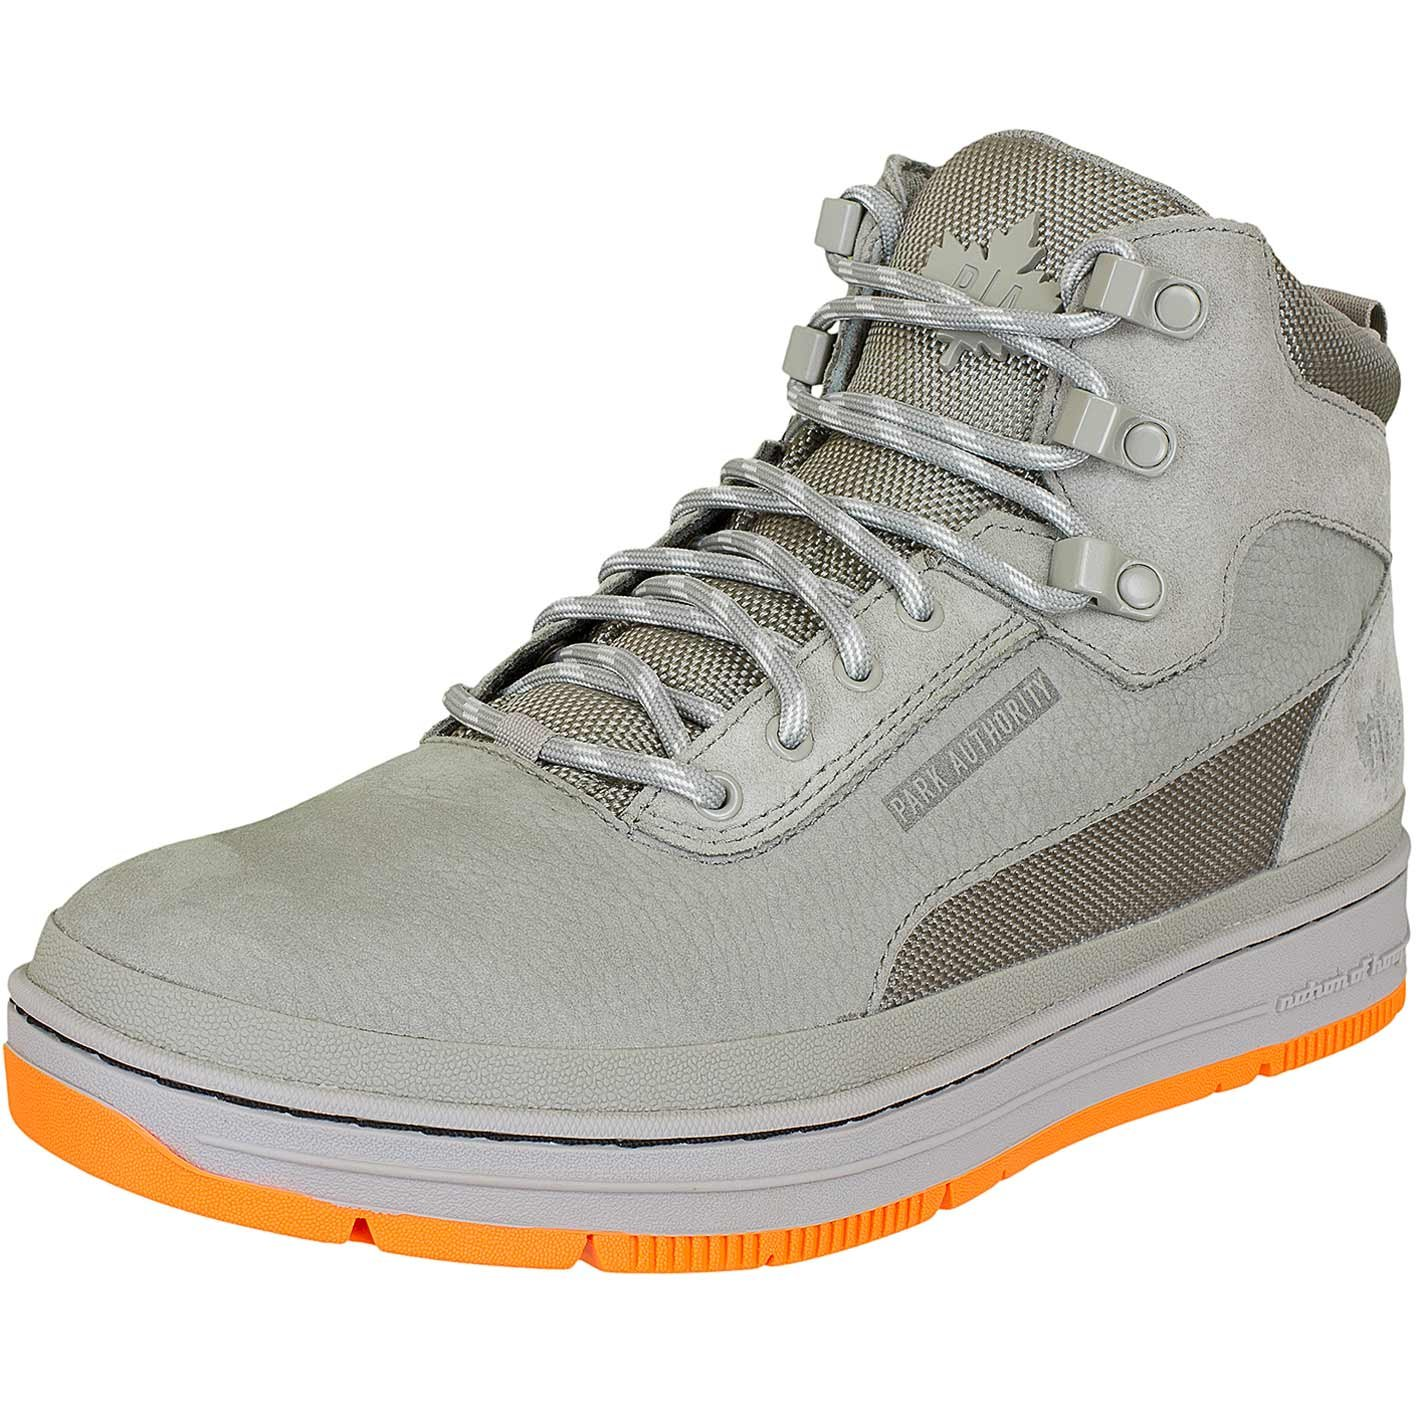 K1X Hombres Calzado / Boots GK 3000 43 EU|Grey/Flame